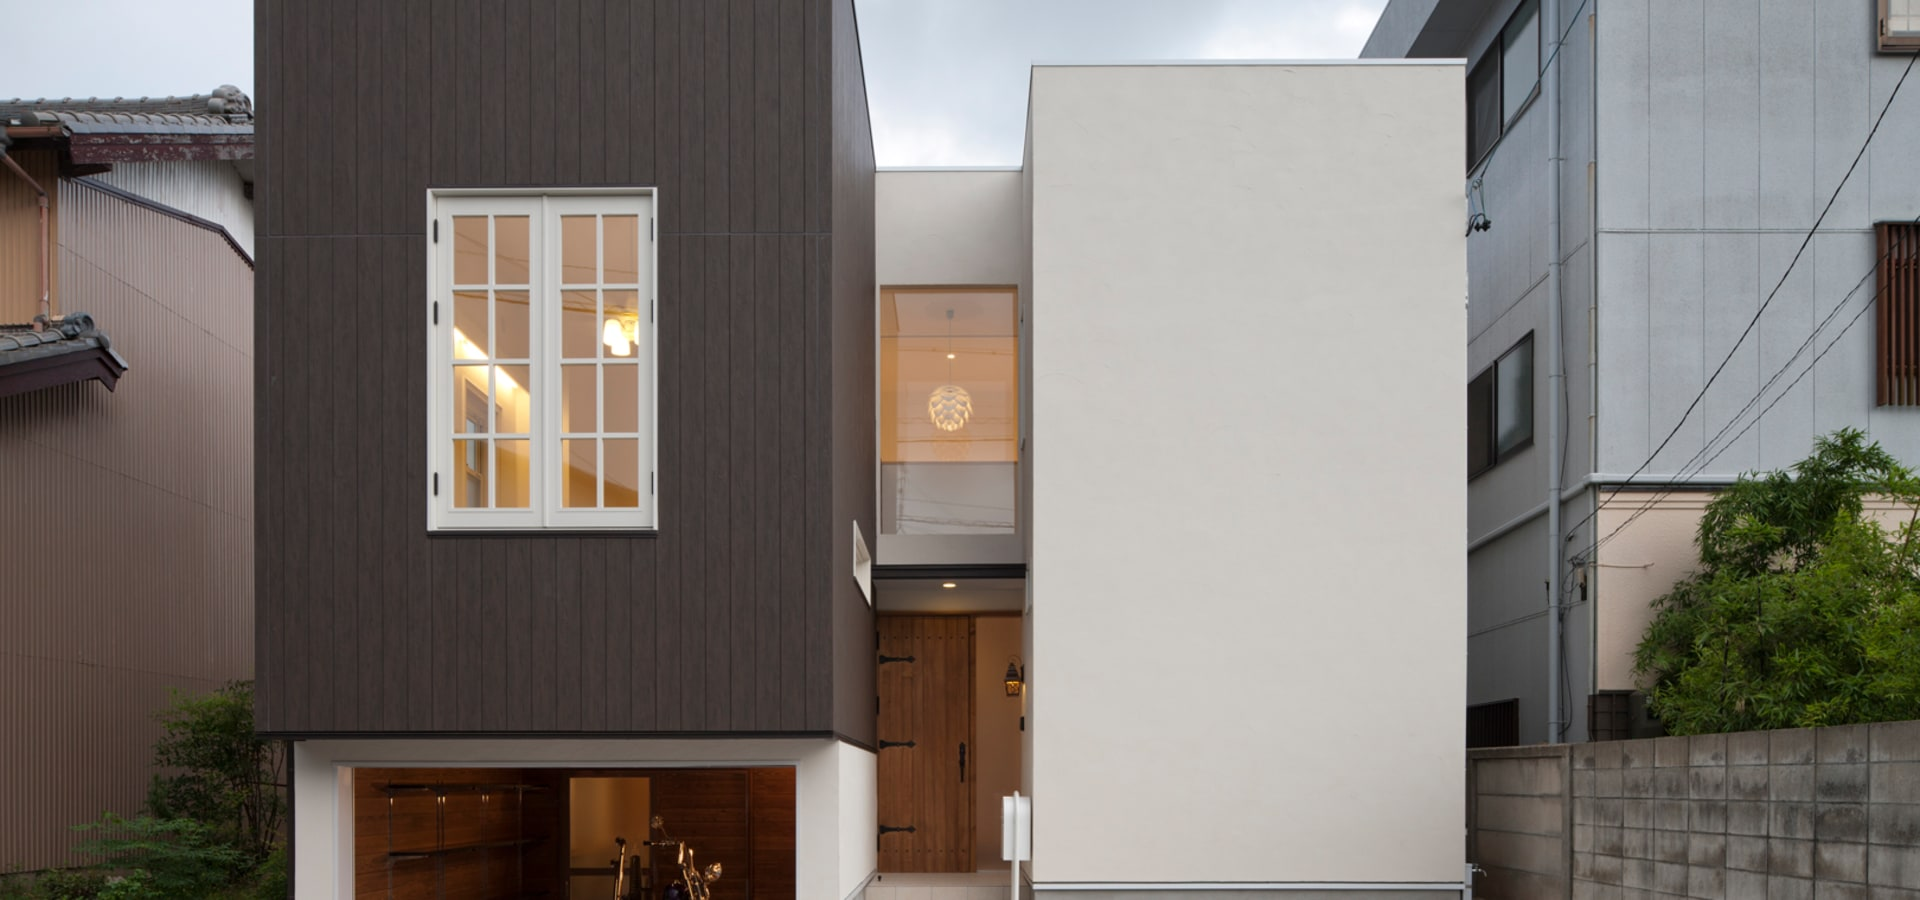 TTAA/ 高木達之建築設計事務所